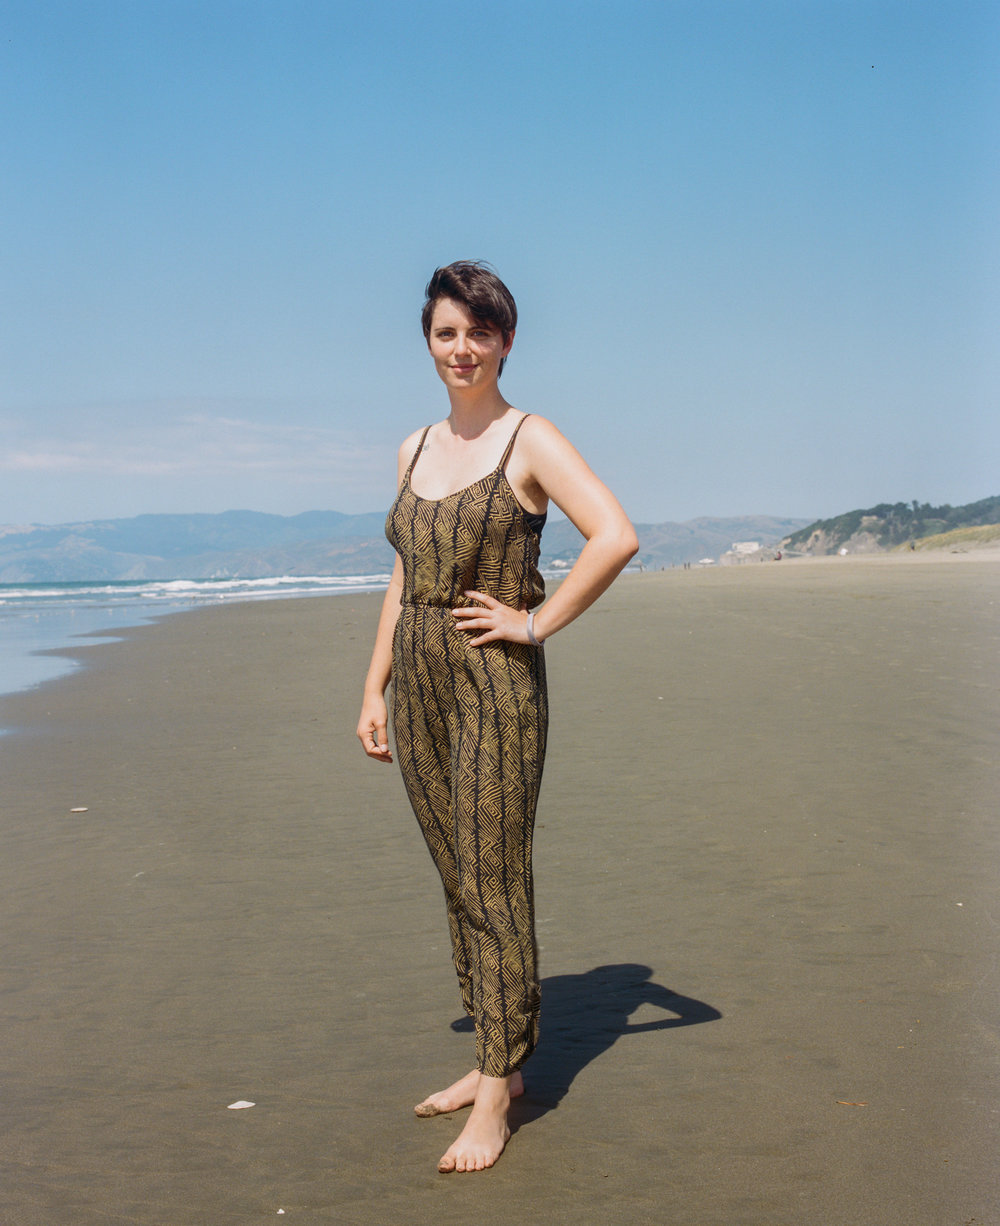 Natalie San Francisco 2-000014970008.JPG